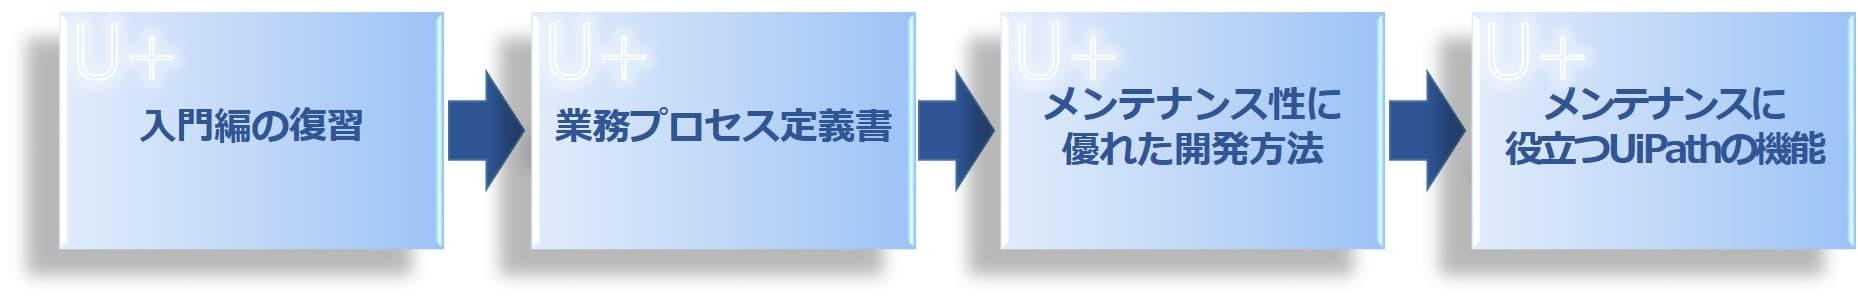 UiPath 公式速習プログラム 実践編の流れ